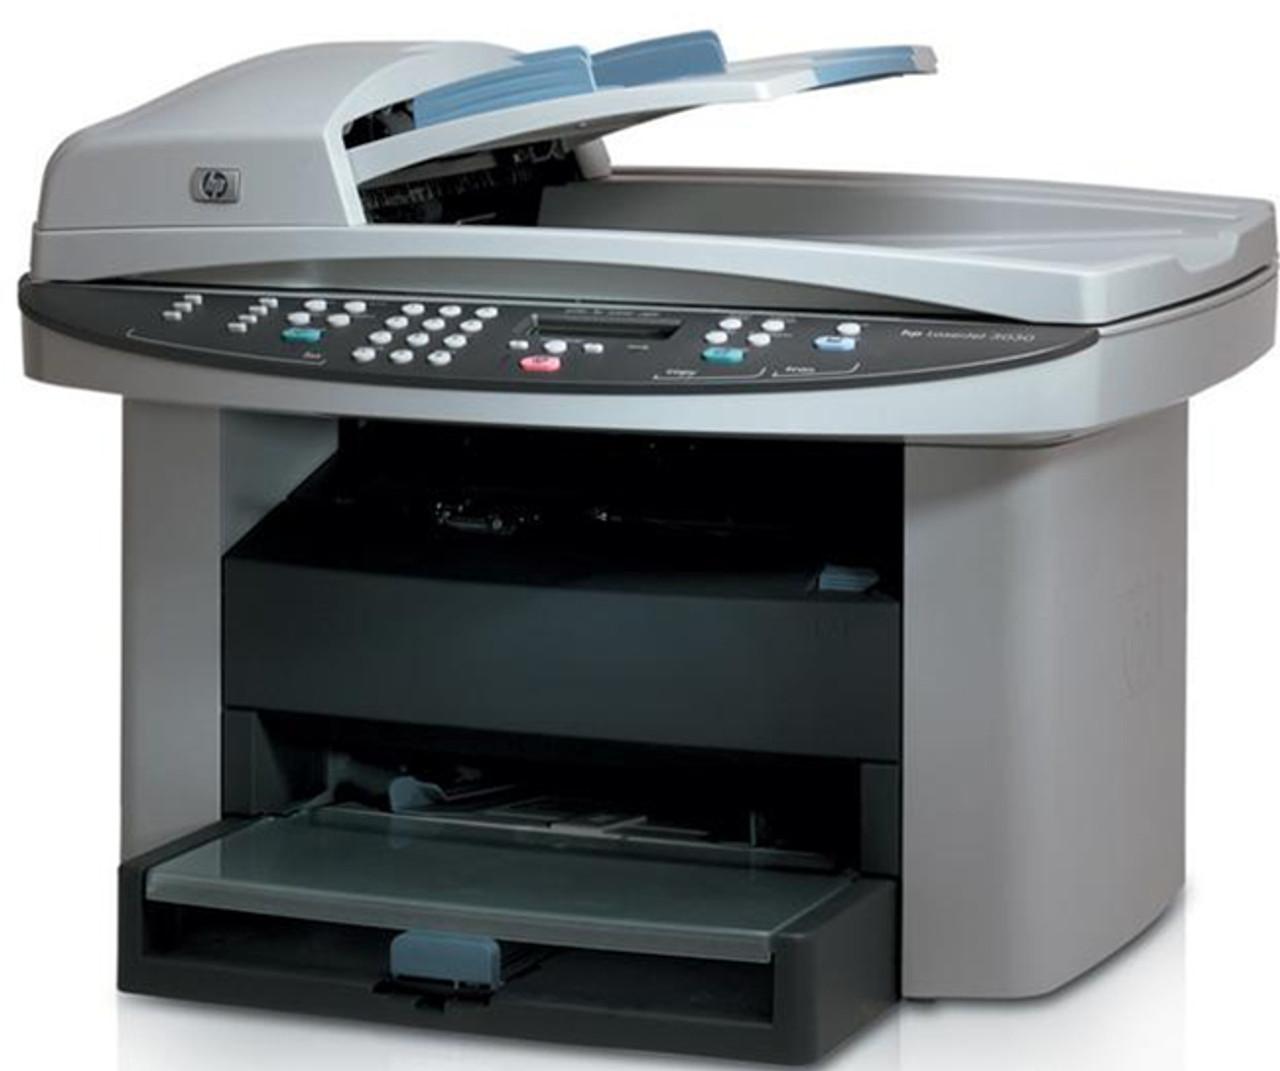 HP LaserJet 3030 MFP - Q2666A - HP Laser Printer for sale